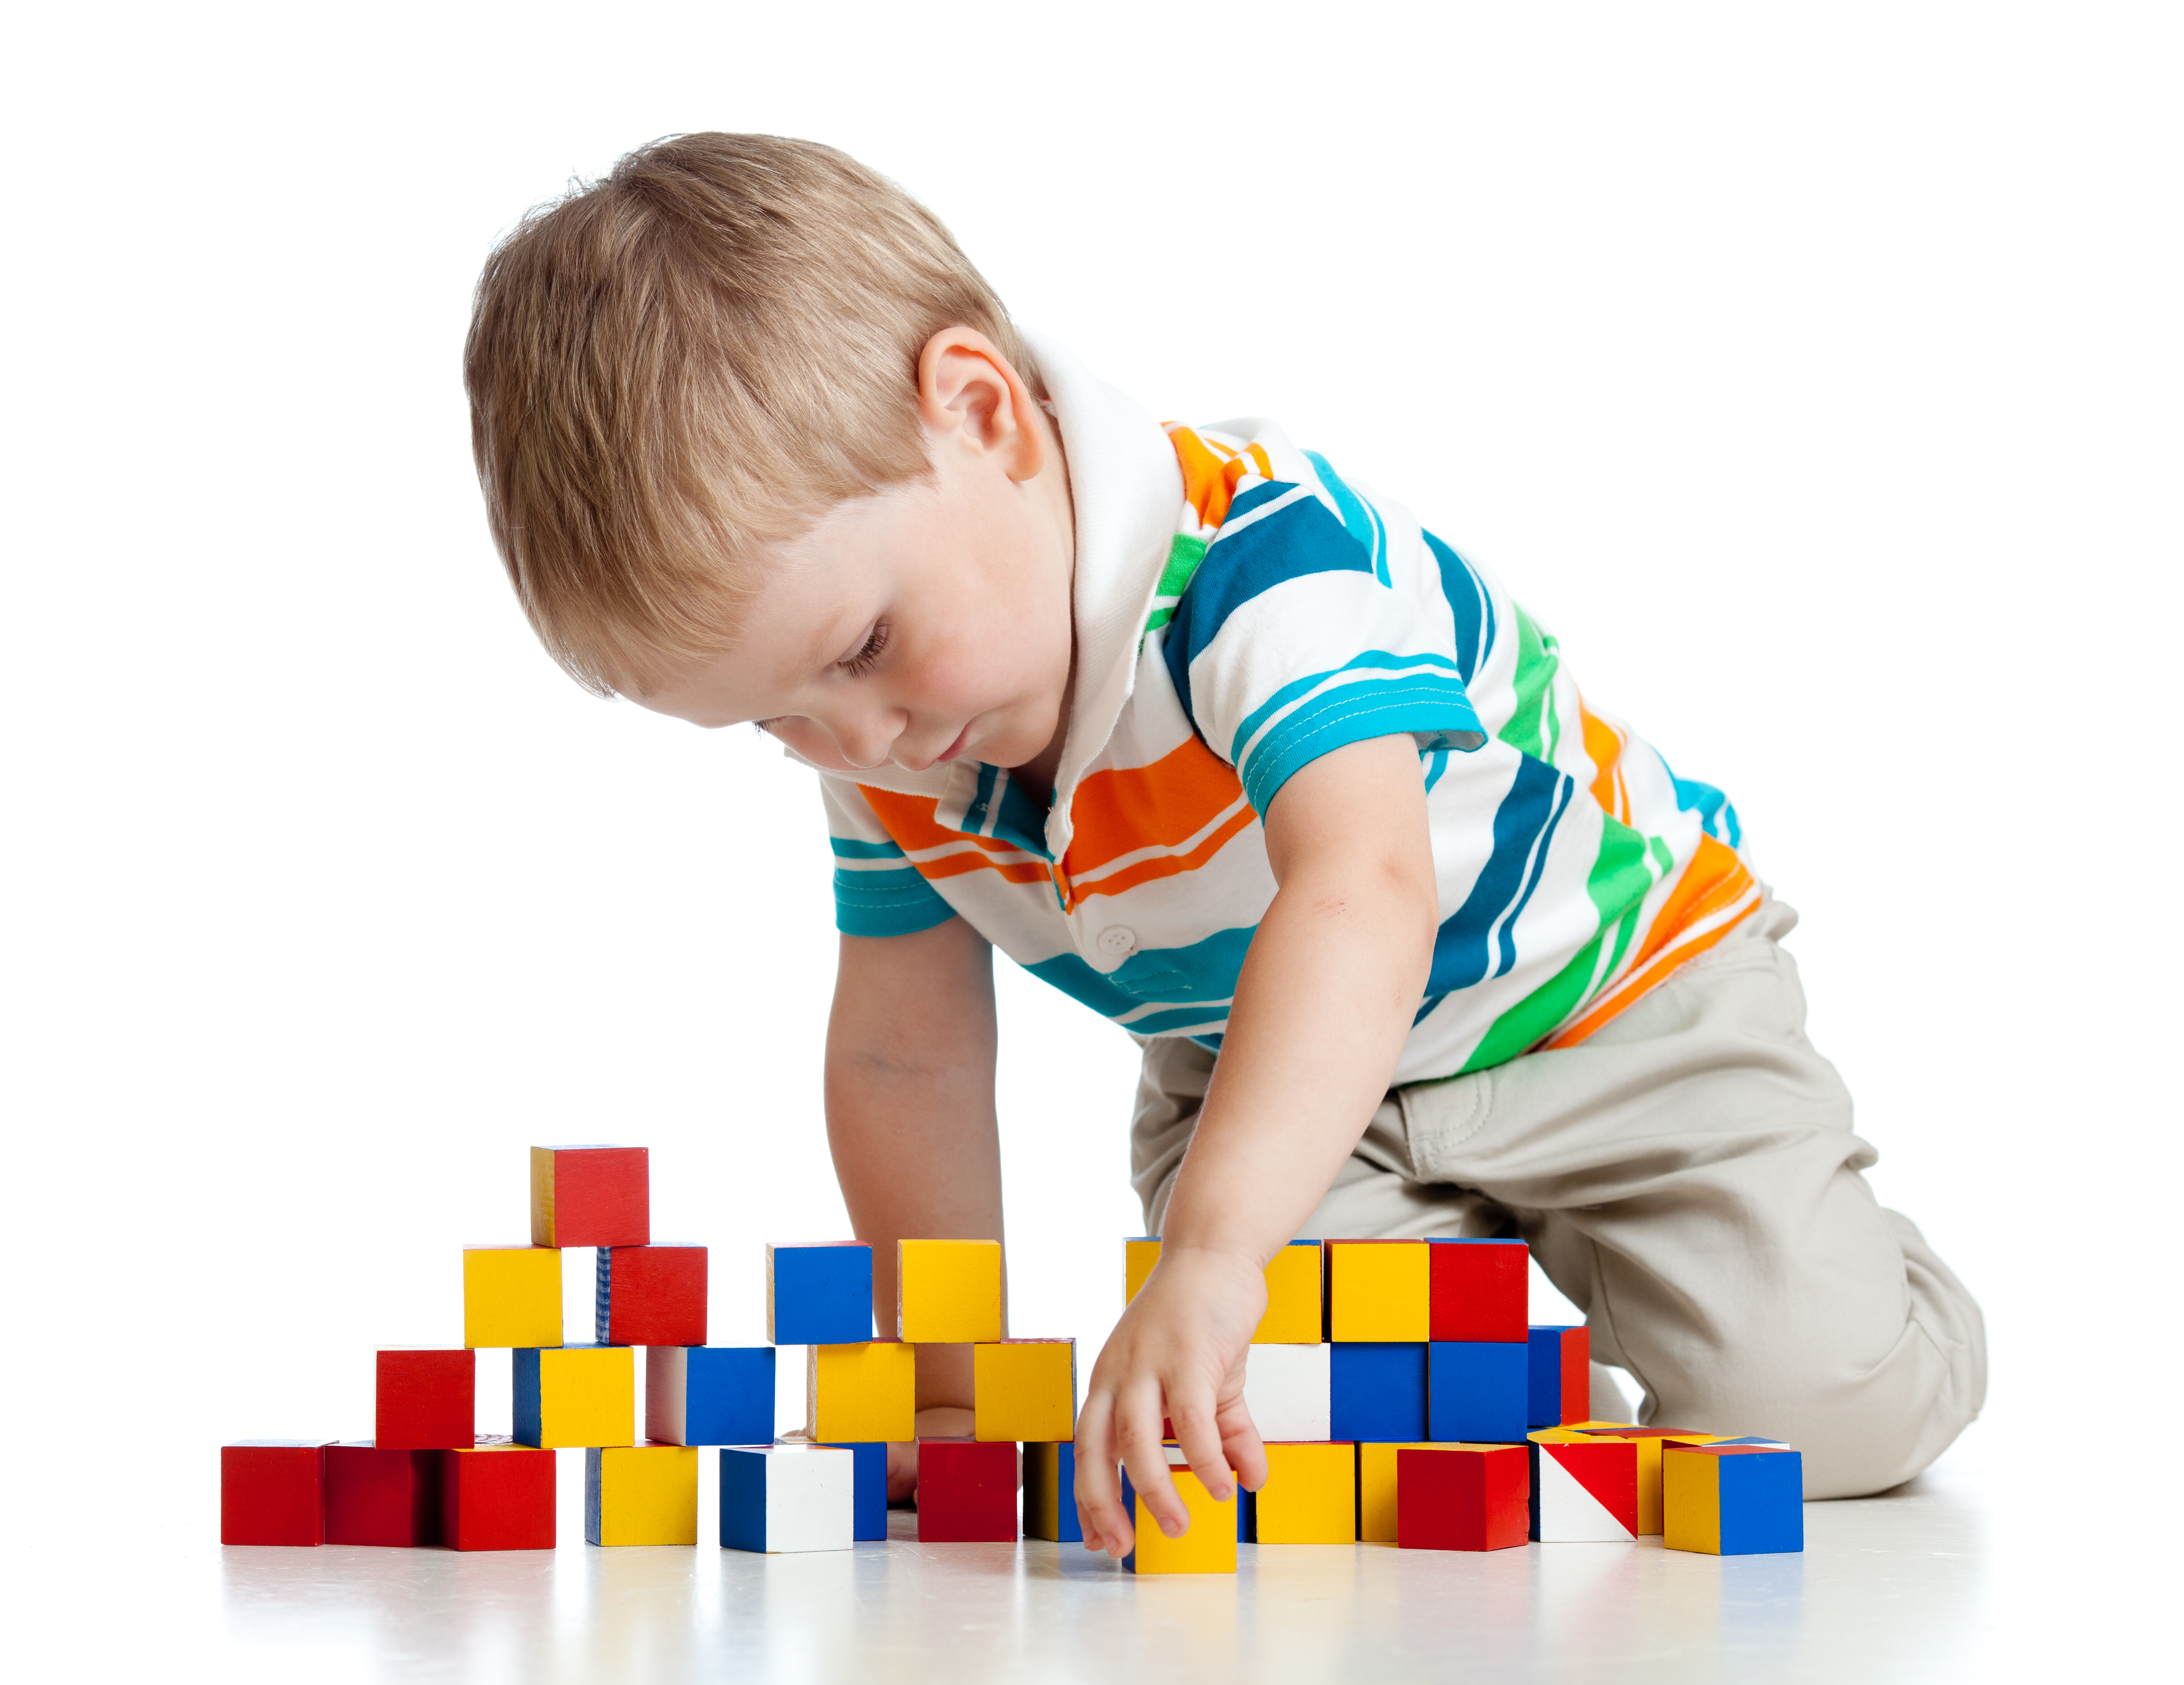 Kinderfysiotherapie Amstelveen Fysiotherapie Kinderen Therapie Kinderfysiotherapeut